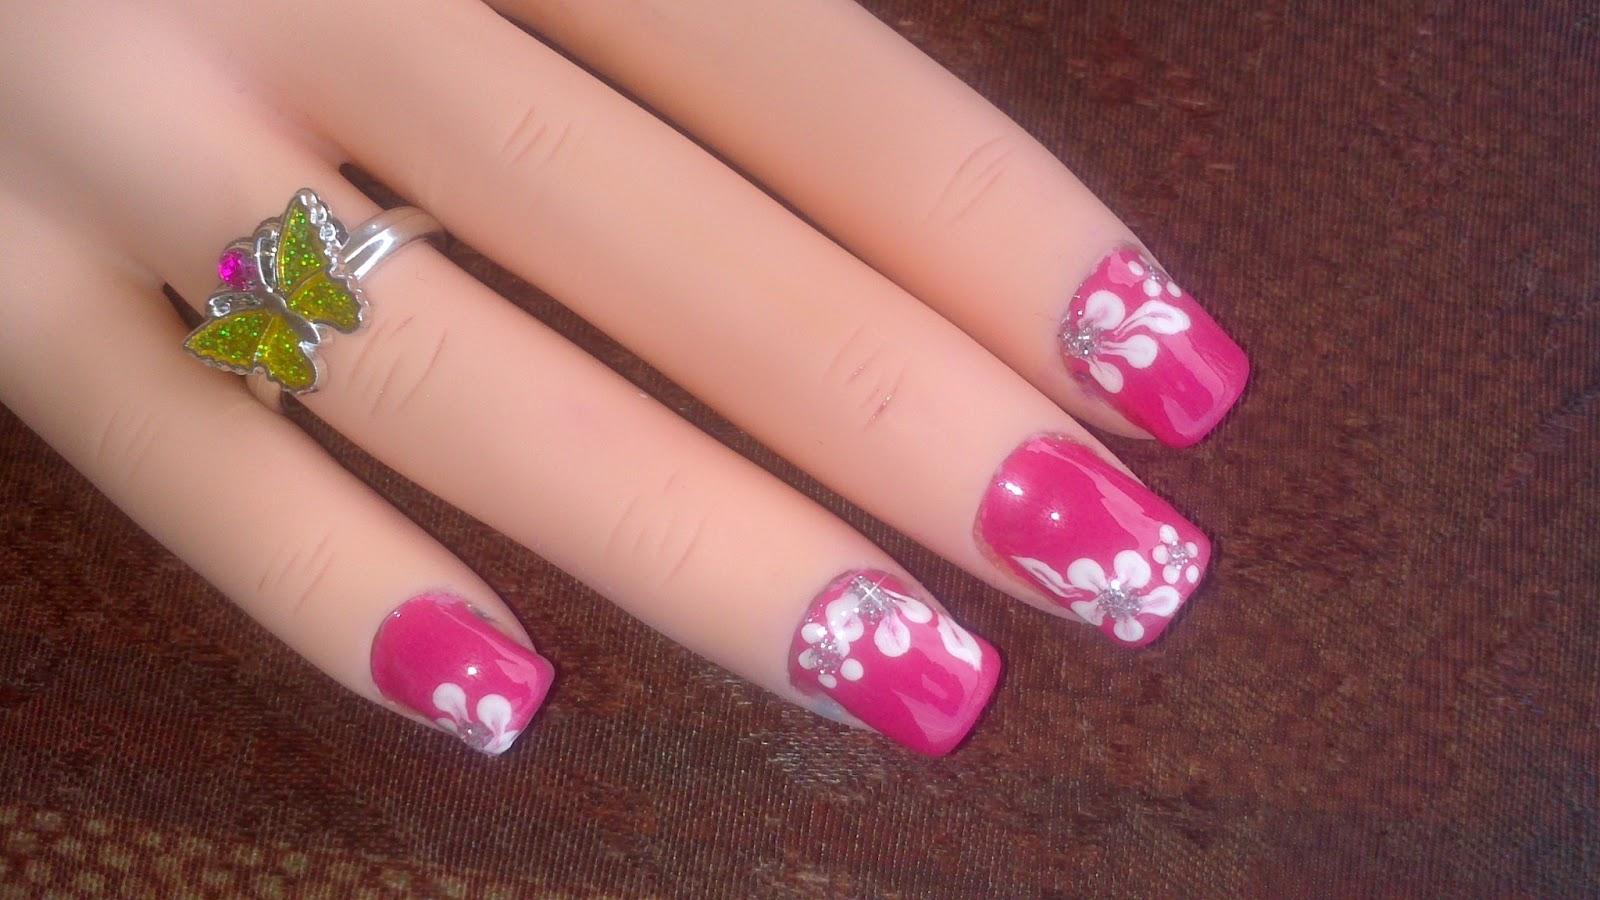 Lnetsa 39 s nailart toe nail design short nails version - Easy nail designs for short nails at home ...